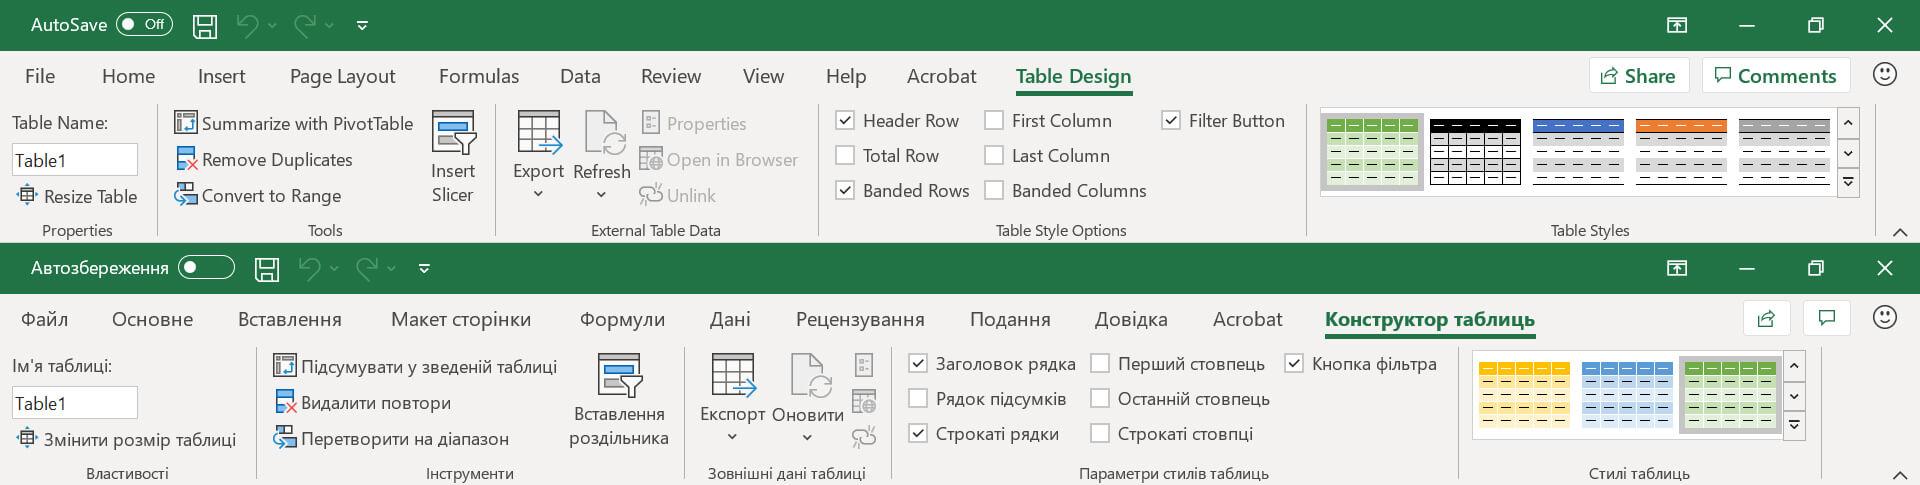 Зміна параметрів стилю таблиці